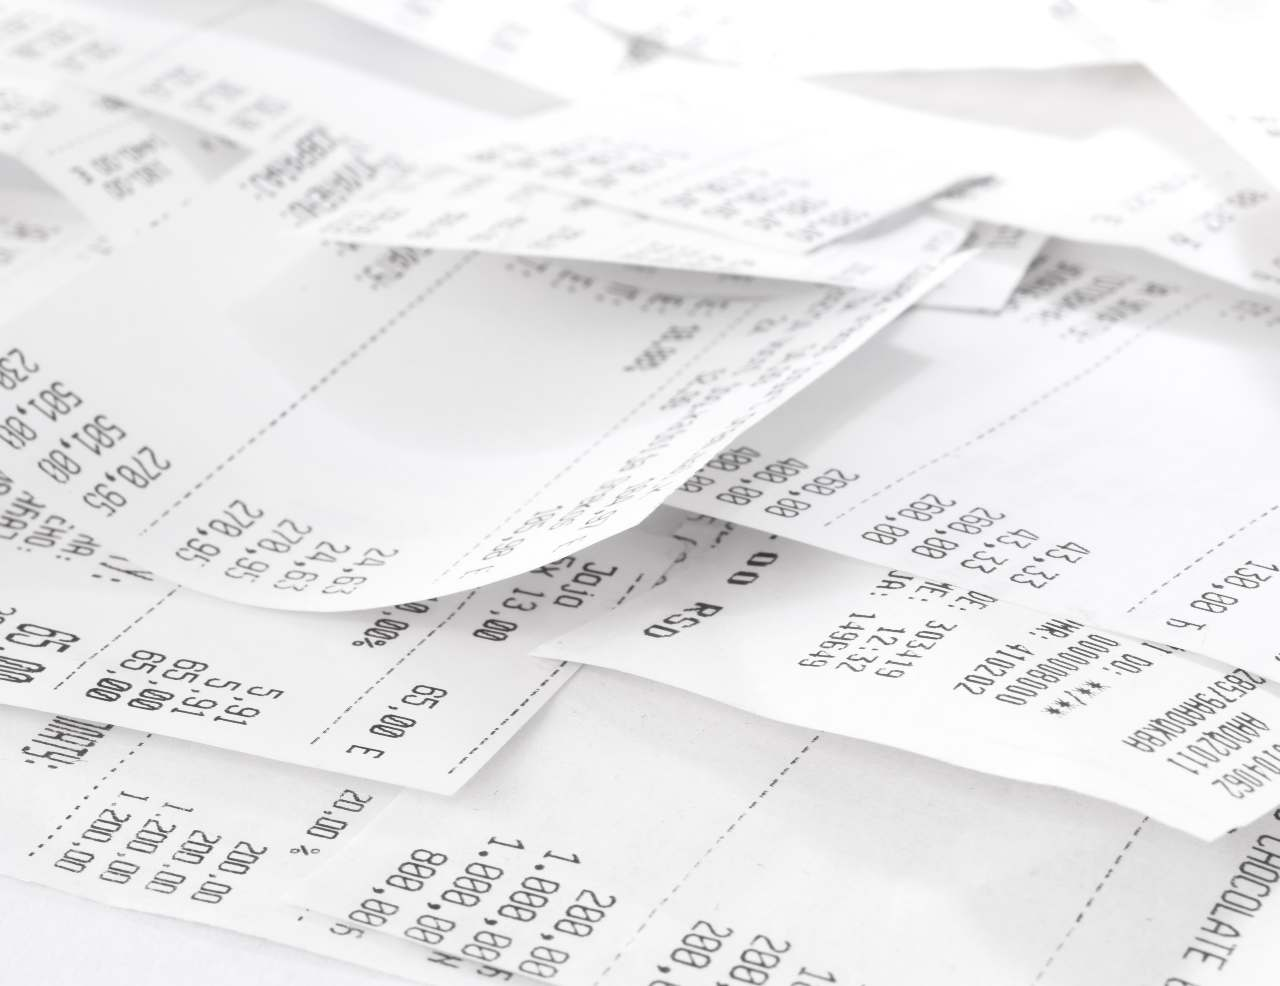 Lotteria degli scontrini (Adobe Stock)